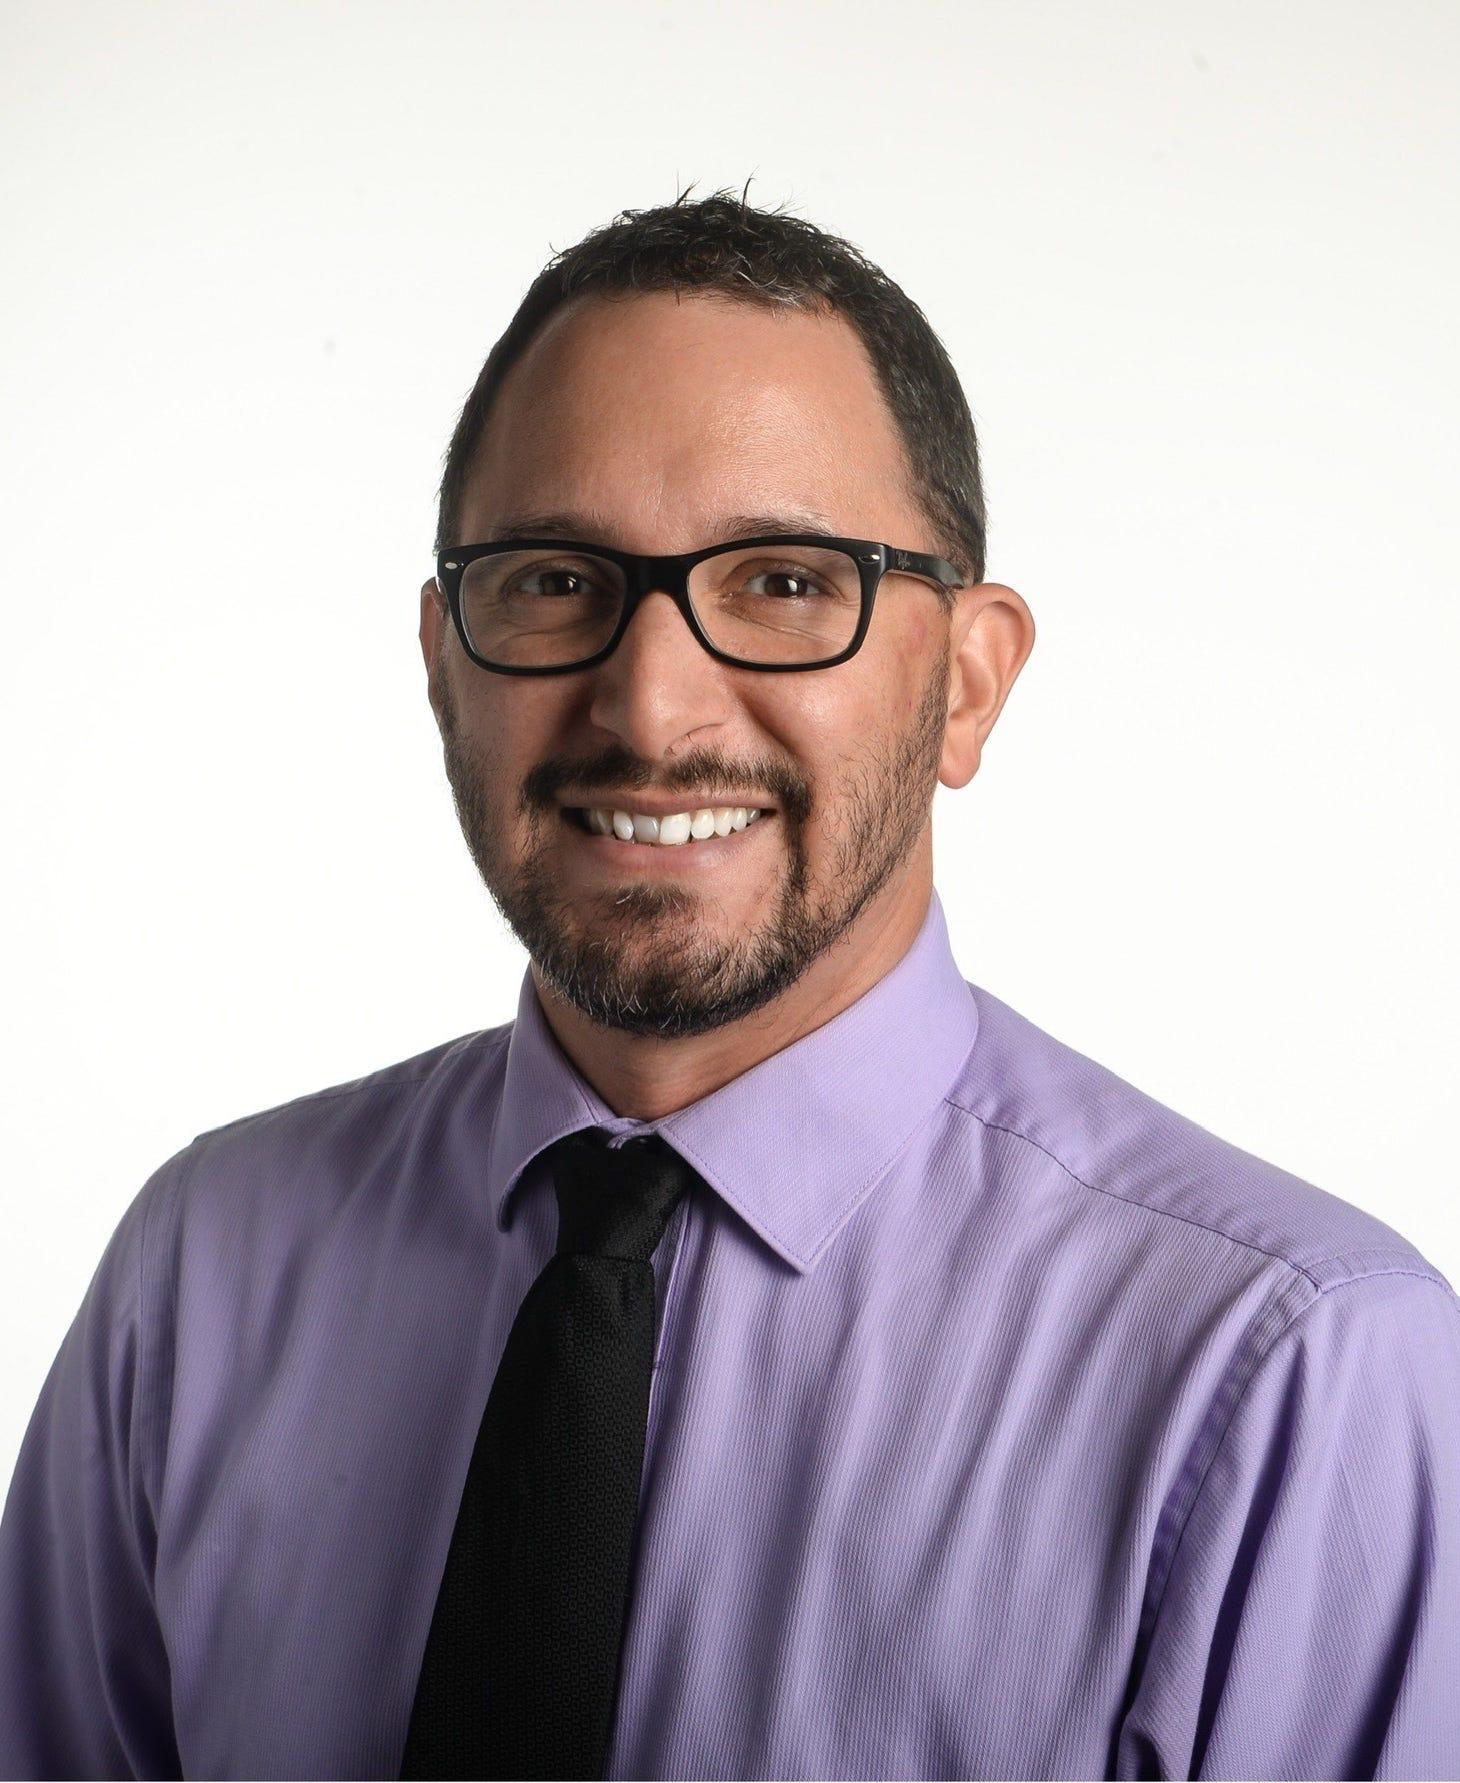 Carlos R. Munoz